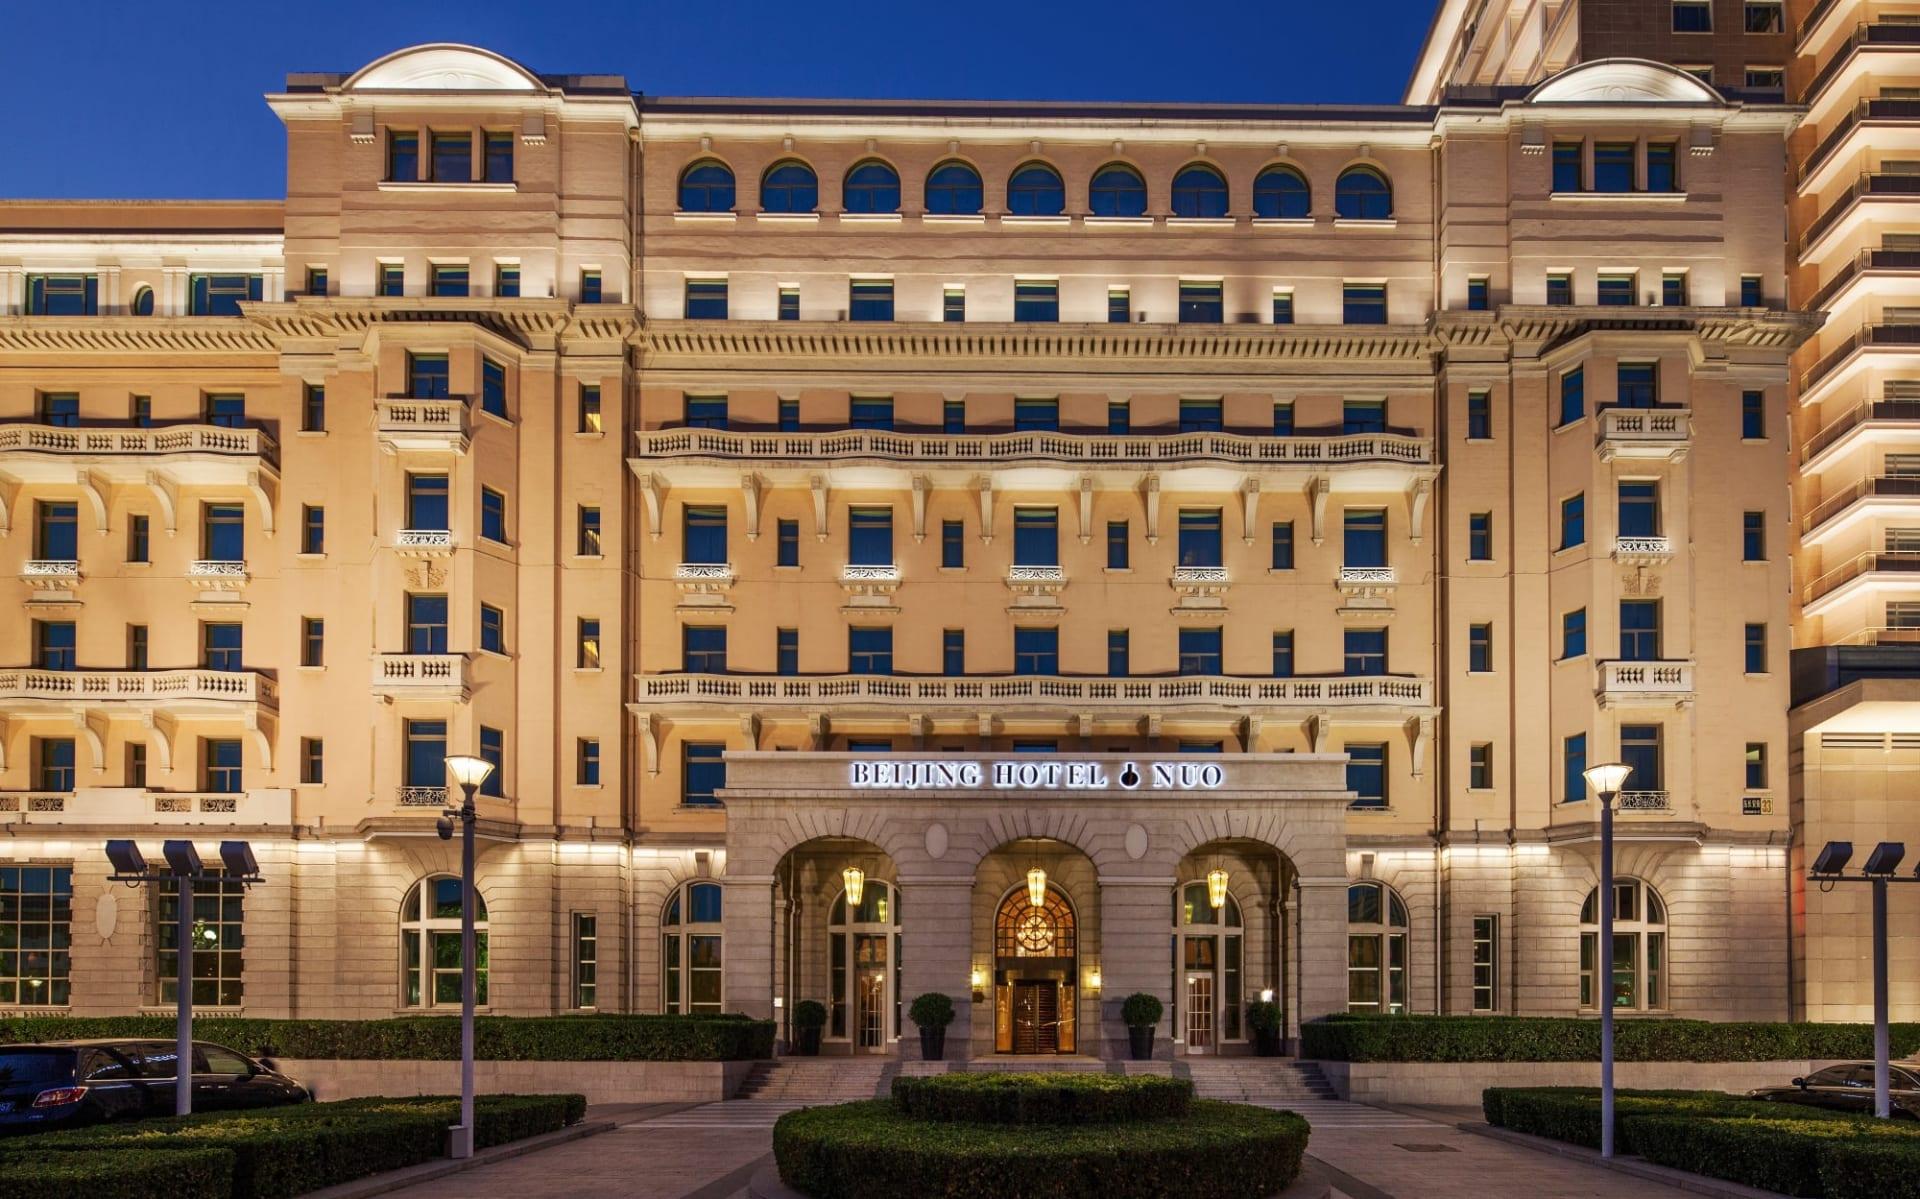 Beijing Hotel NUO in Peking: Exterior